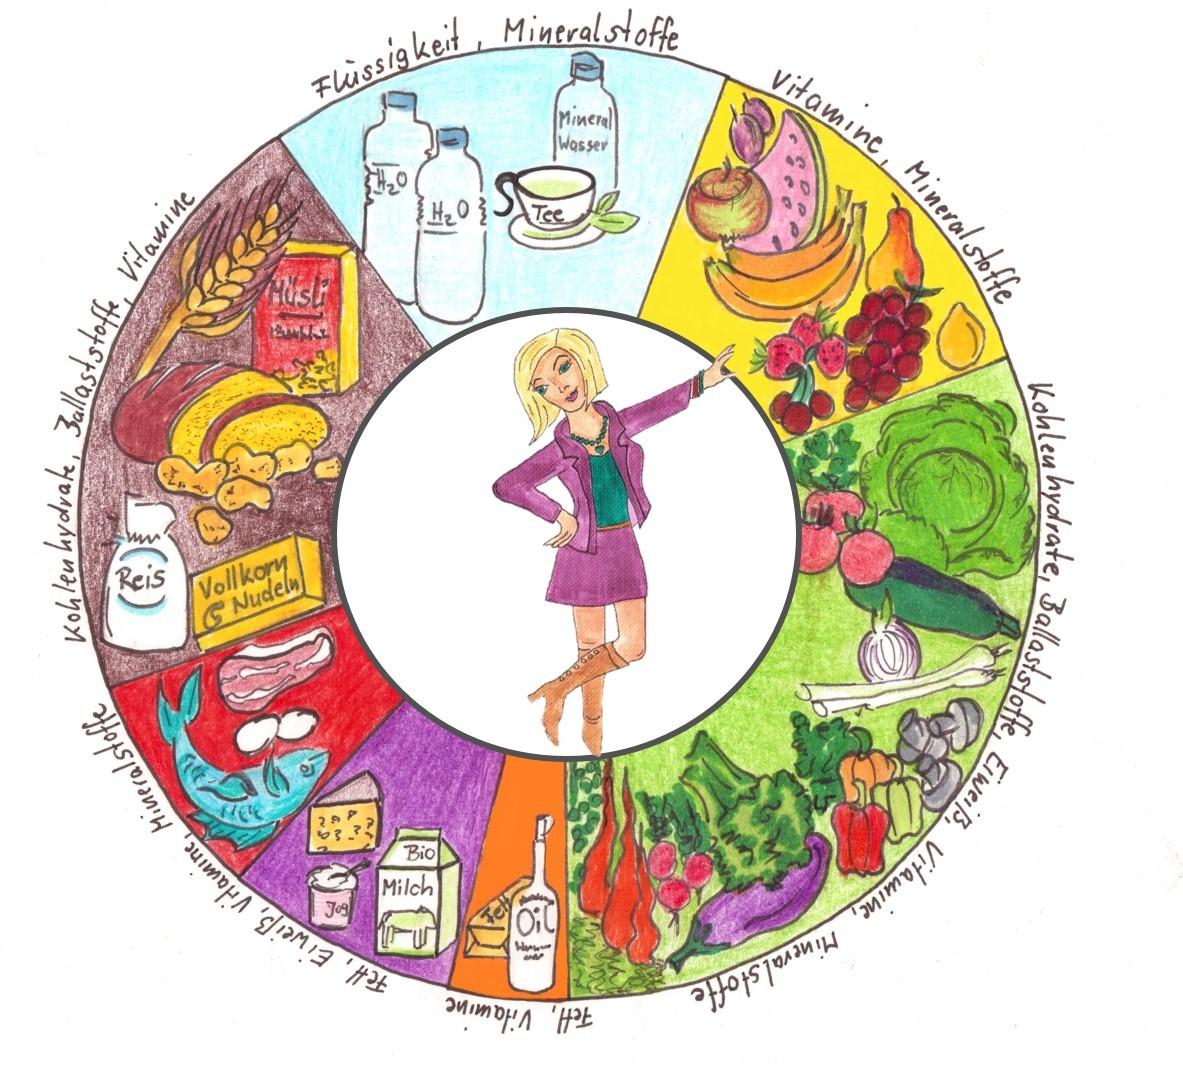 10 Maßnahmen gegen Erkältung - Teil 3: Mit der richtigen Ernährung gesund bleiben